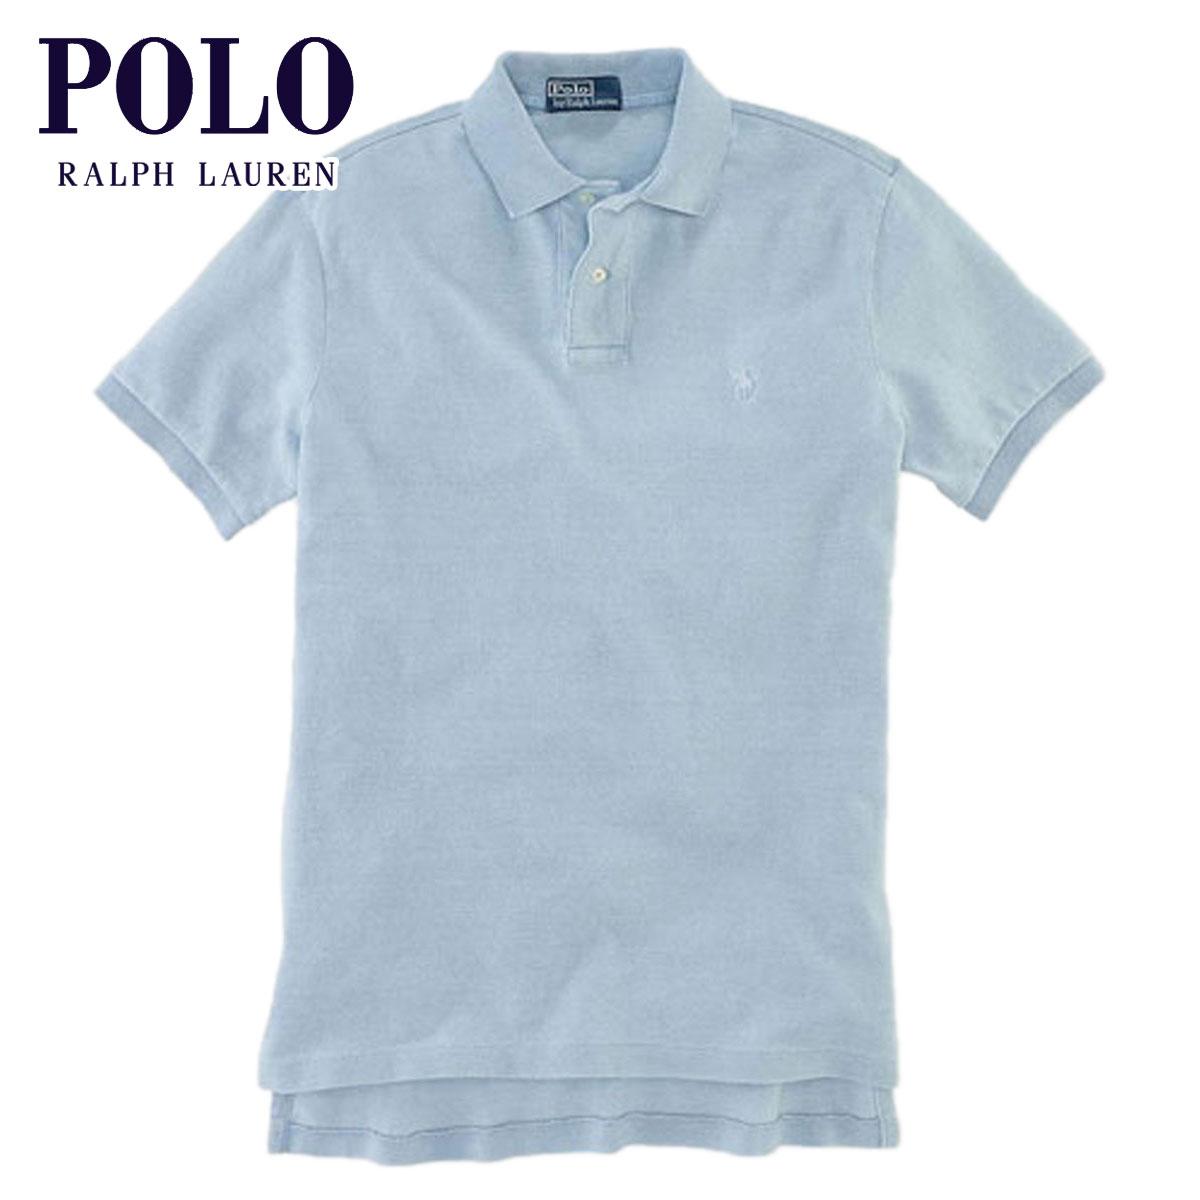 【販売期間 12/11 10:00〜12/19 09:59】 ポロ ラルフローレン POLO RALPH LAUREN 正規品 メンズ ポロシャツ Custom-Fit Indigo Polo LIGHT BLUE D20S30